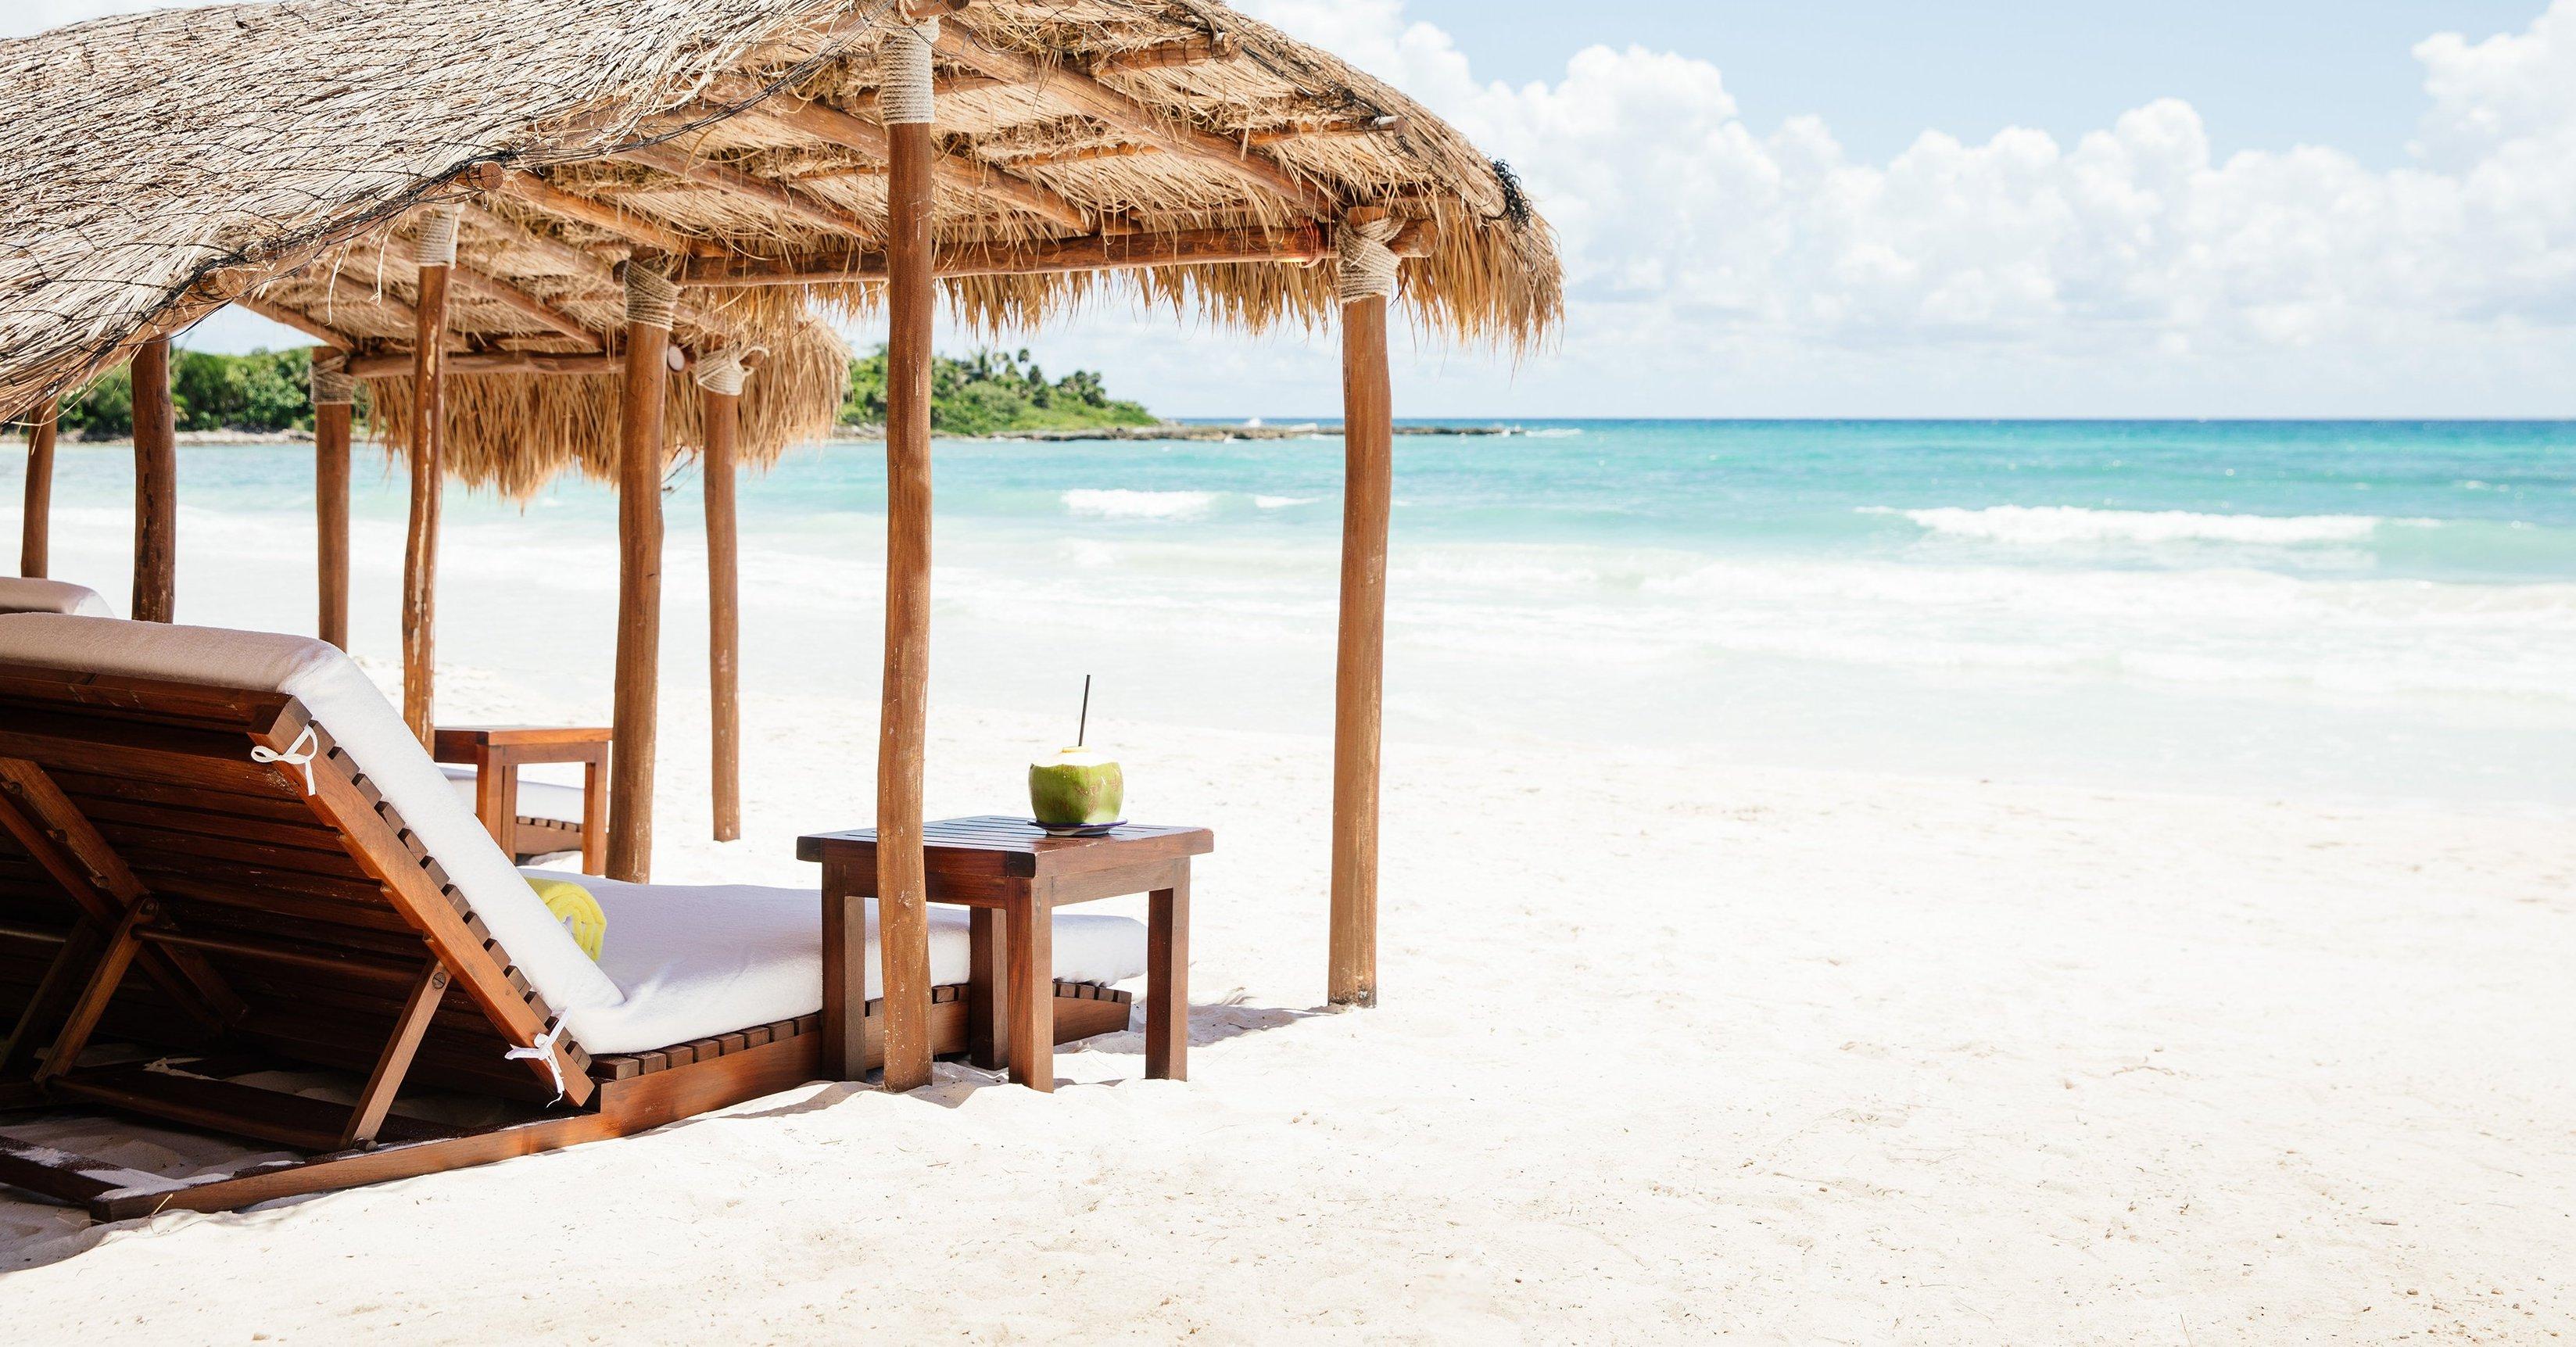 hotel-esencia-riviera-maya-beach